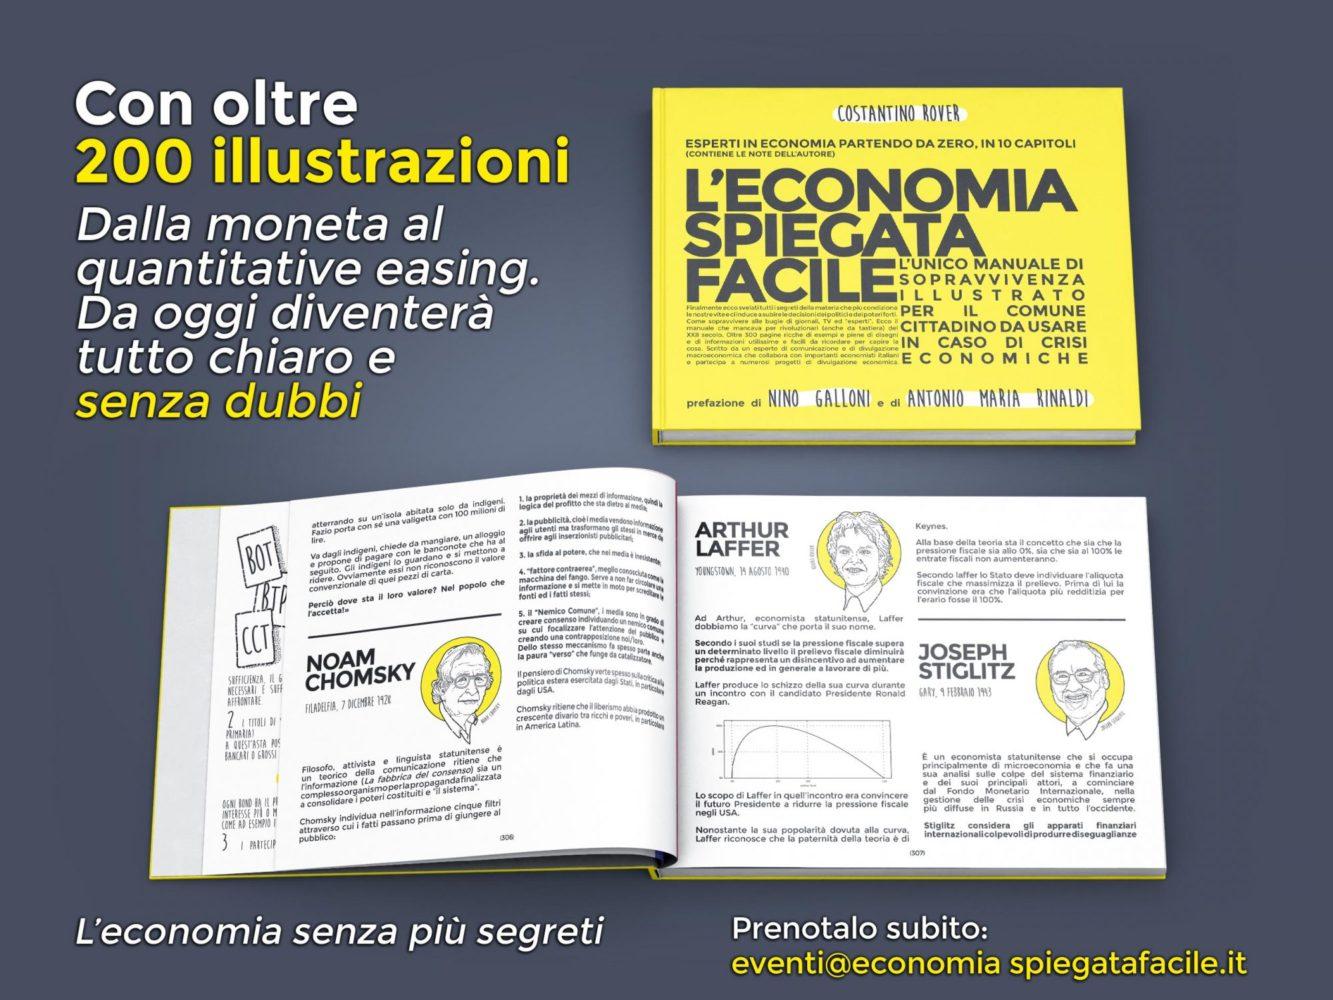 Manuale di economia: L'Economia Spiegata Facile